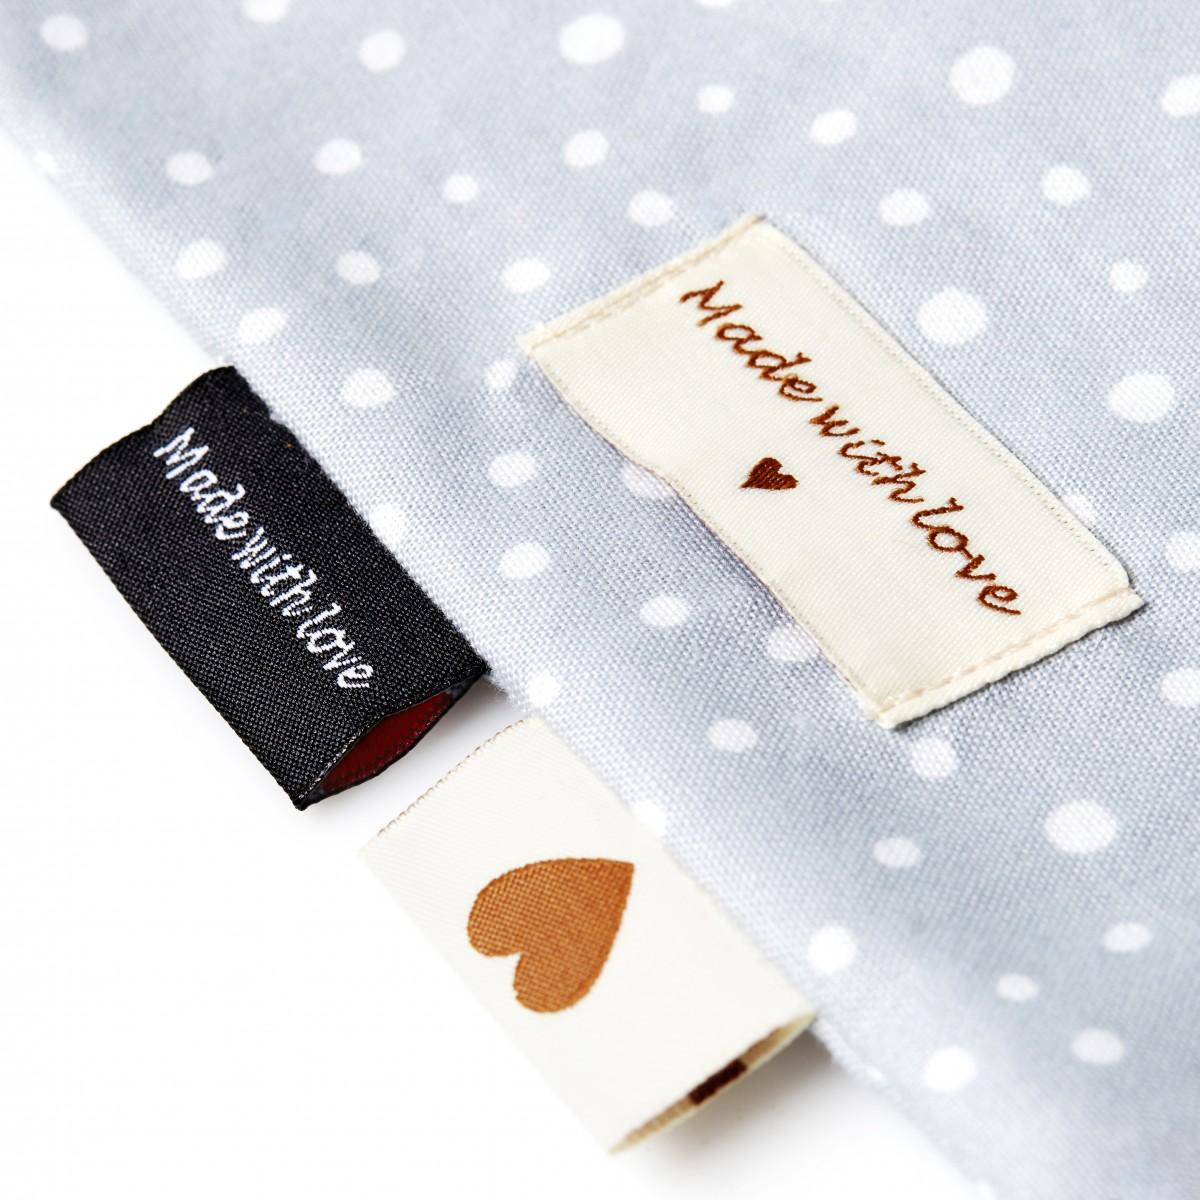 29452d992b7 Made by mærker og mærkater | strikketøj og andet håndarbejde - Køb her